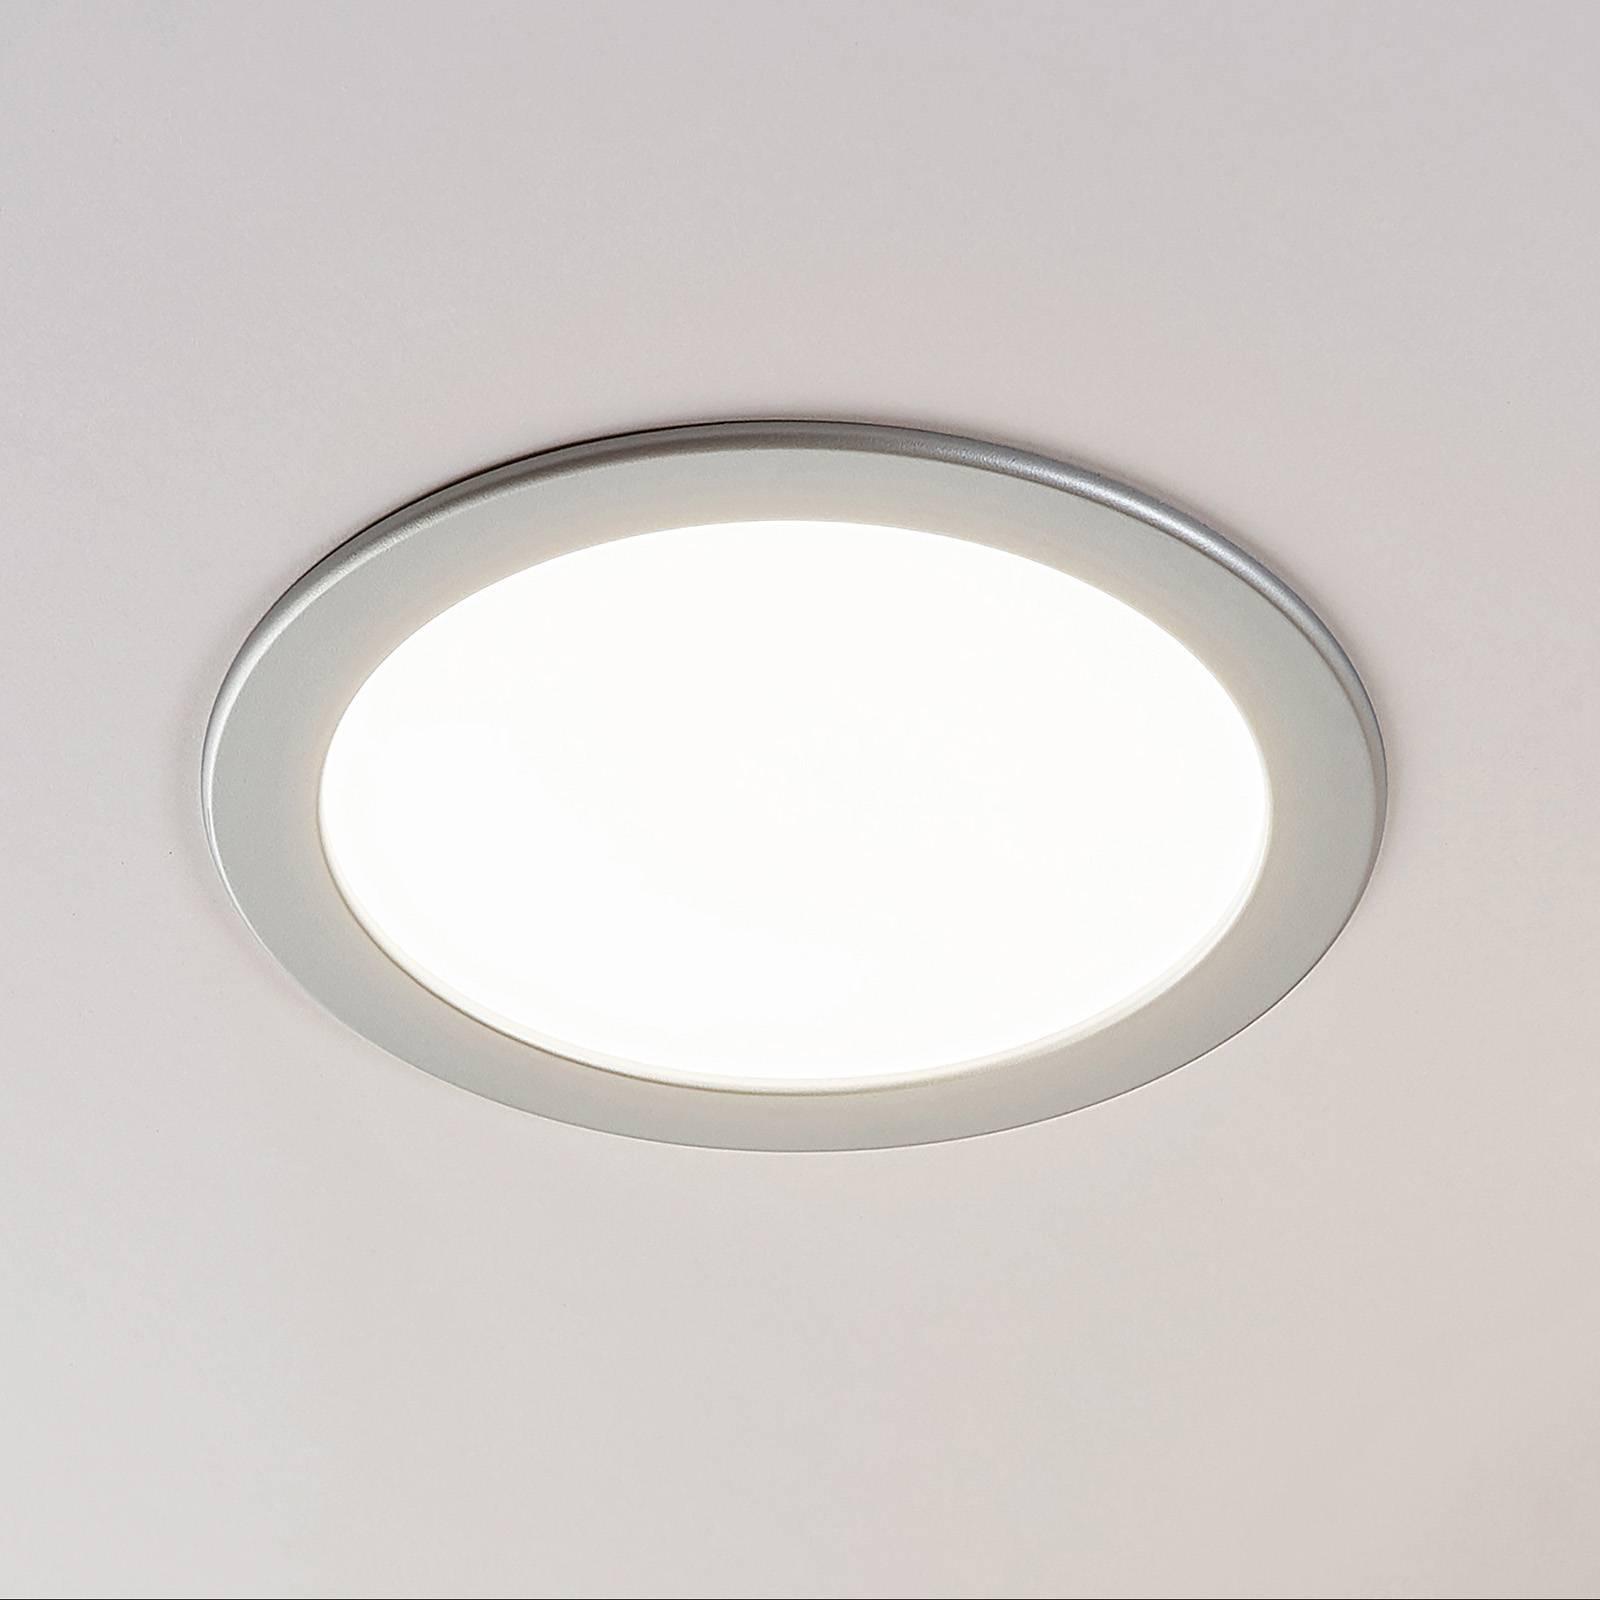 LED-kohdevalo Joki hopea 3 000 K pyöreä 24 cm